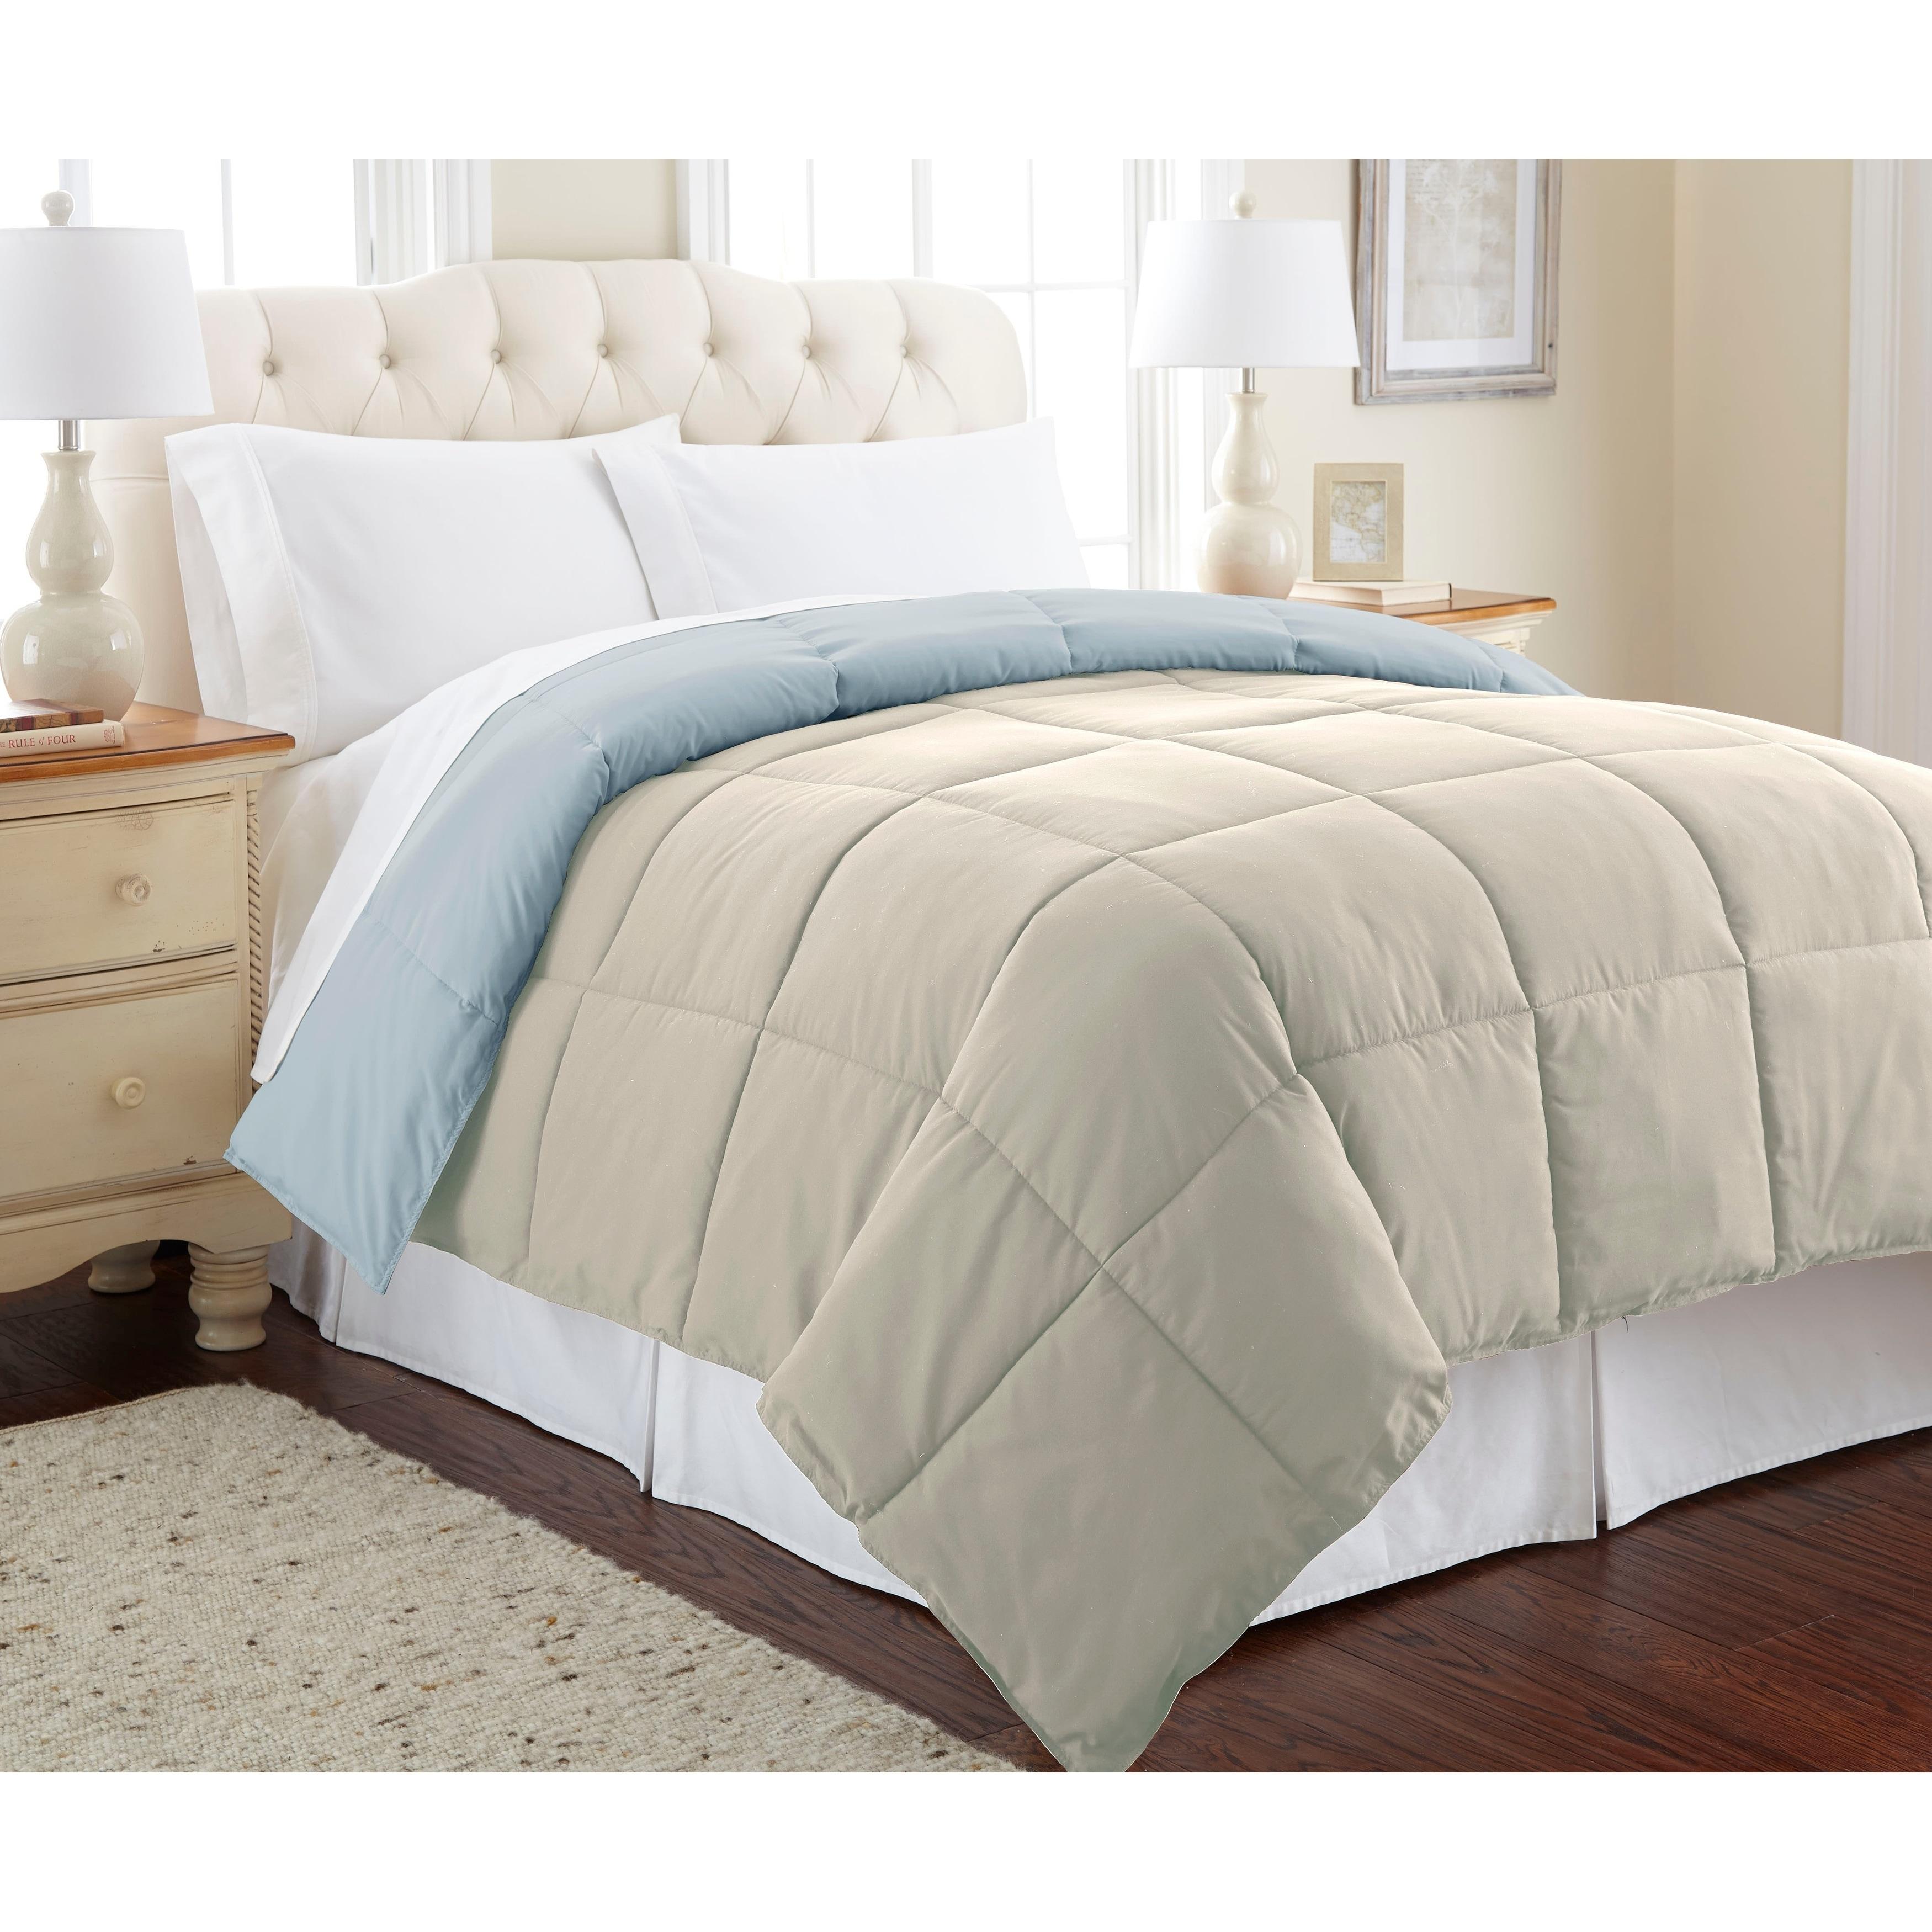 Modern Threads All Season Reversible Down Alternative Comforter Duvet Comforters Comforters King Comforter